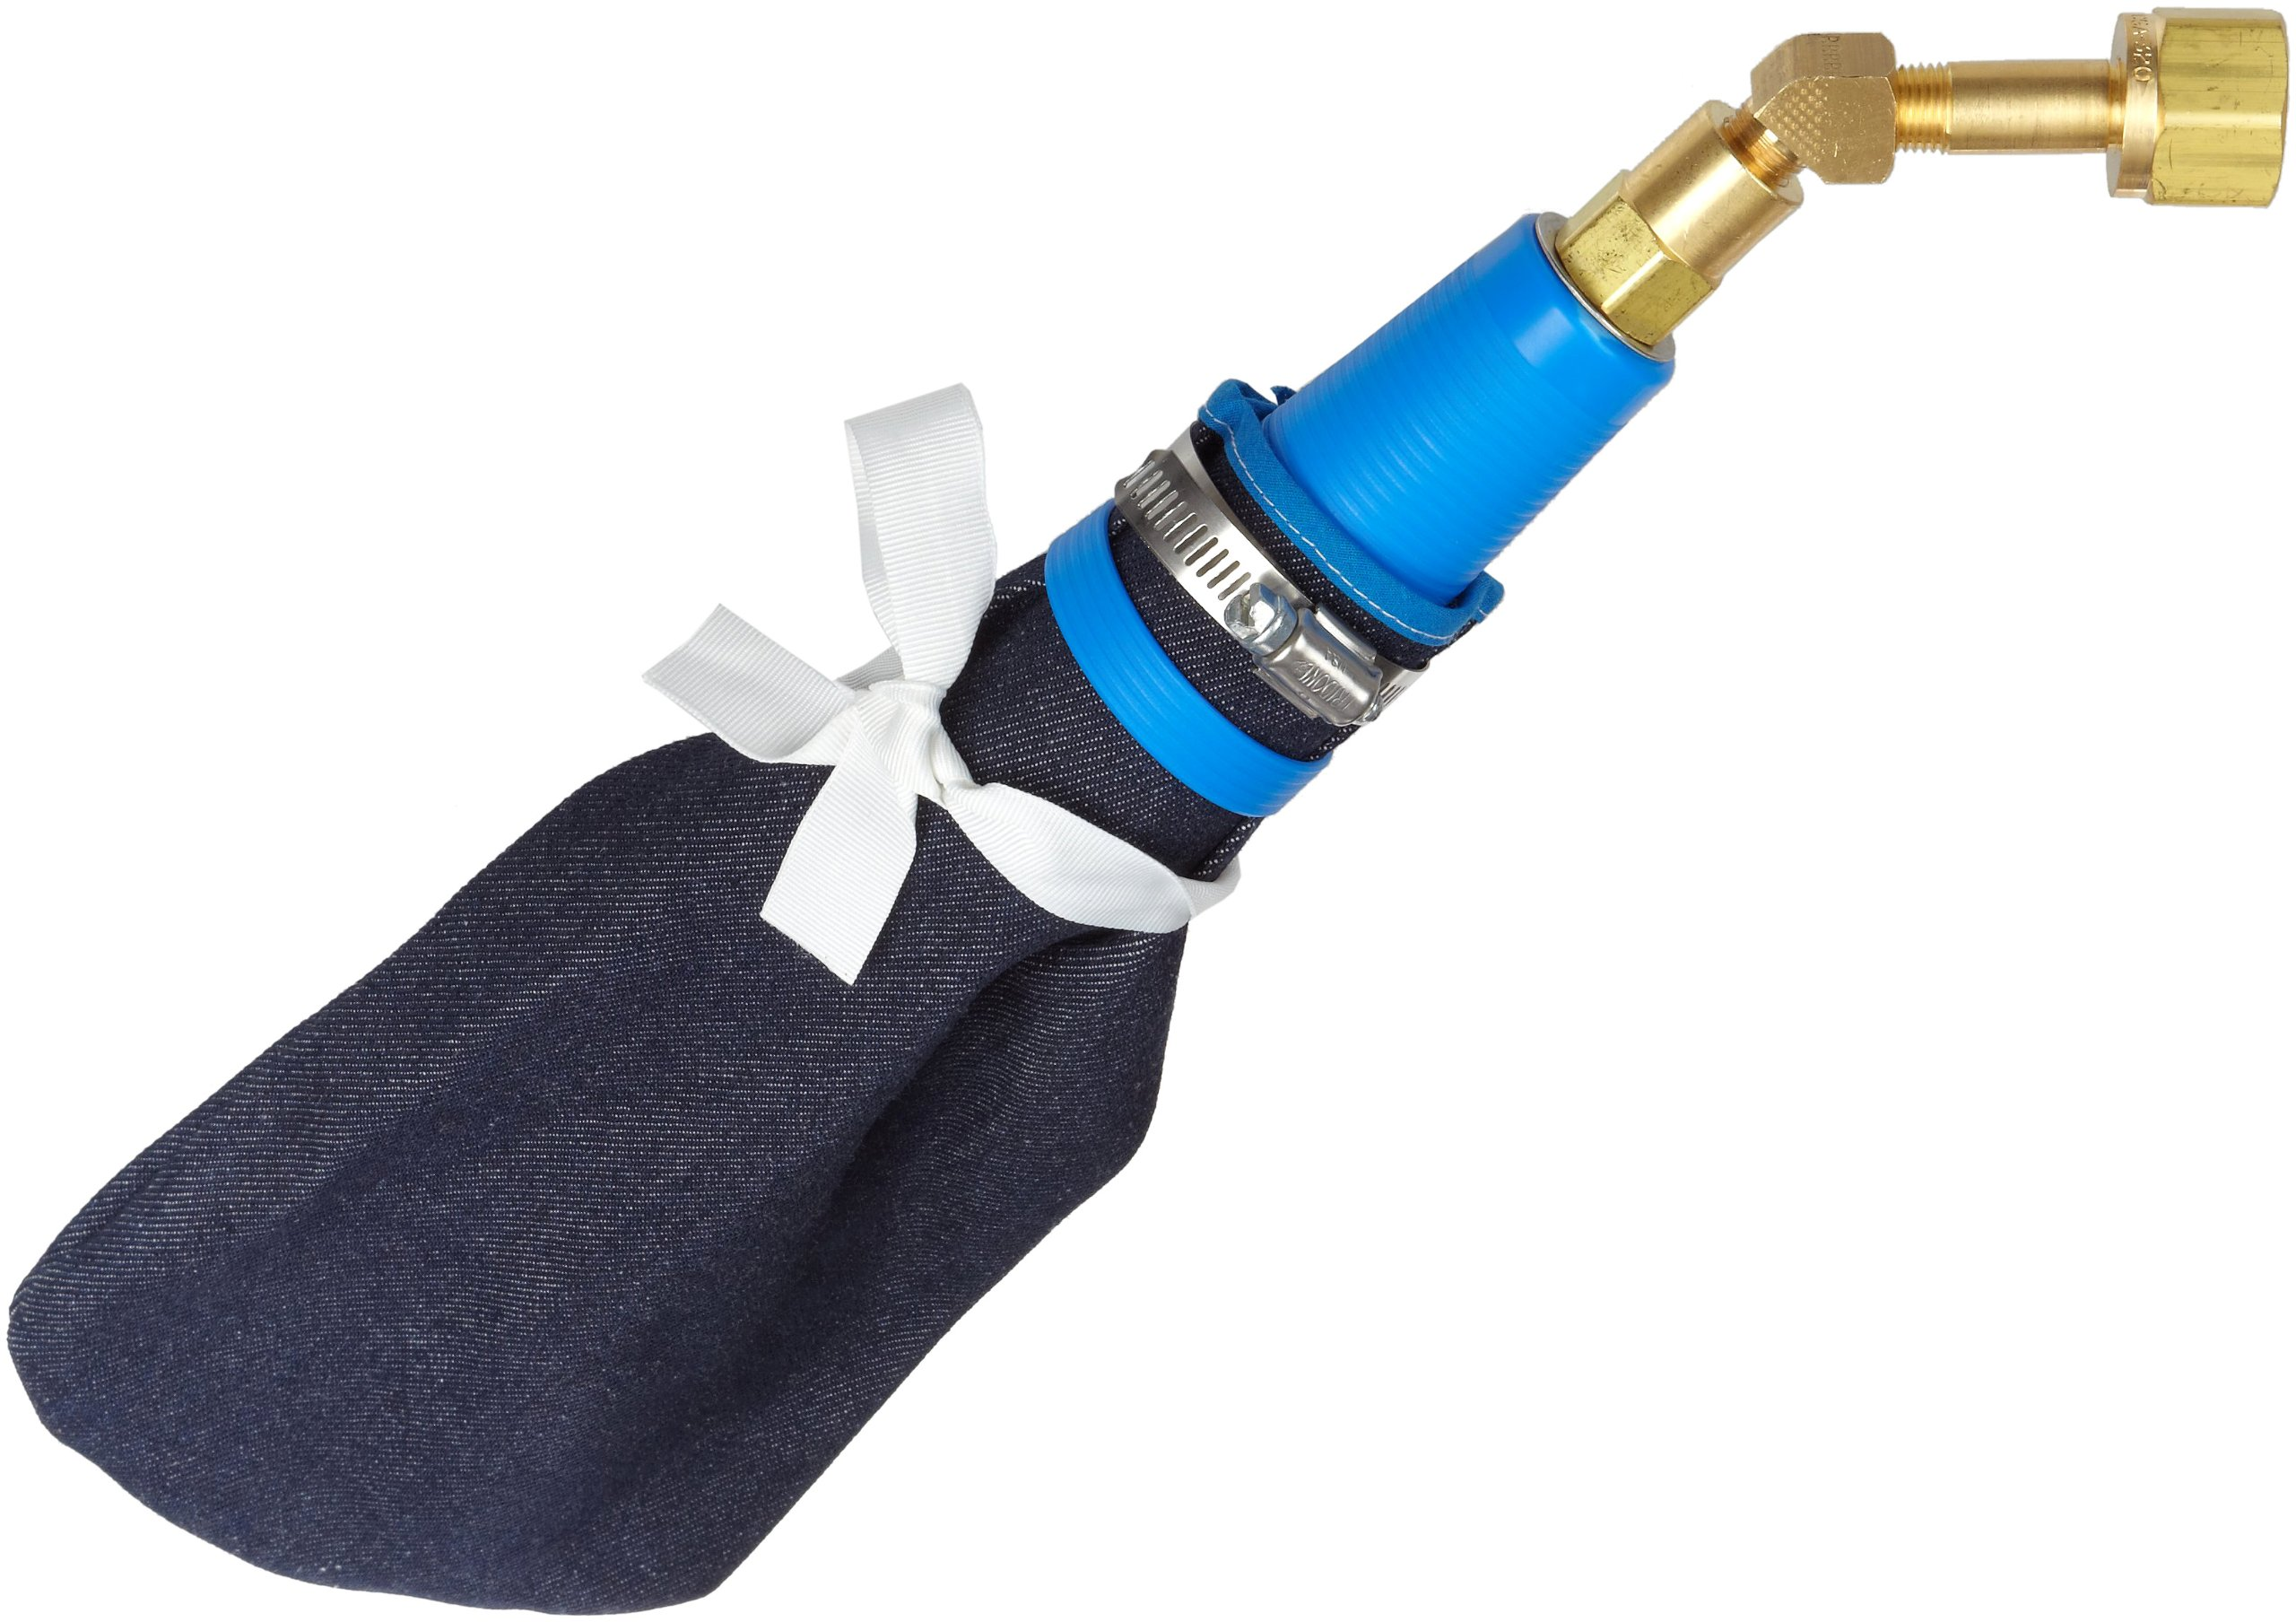 Bel-Art Frigimat Junior Dry Ice Maker; U.S. Model (F38886-0000)